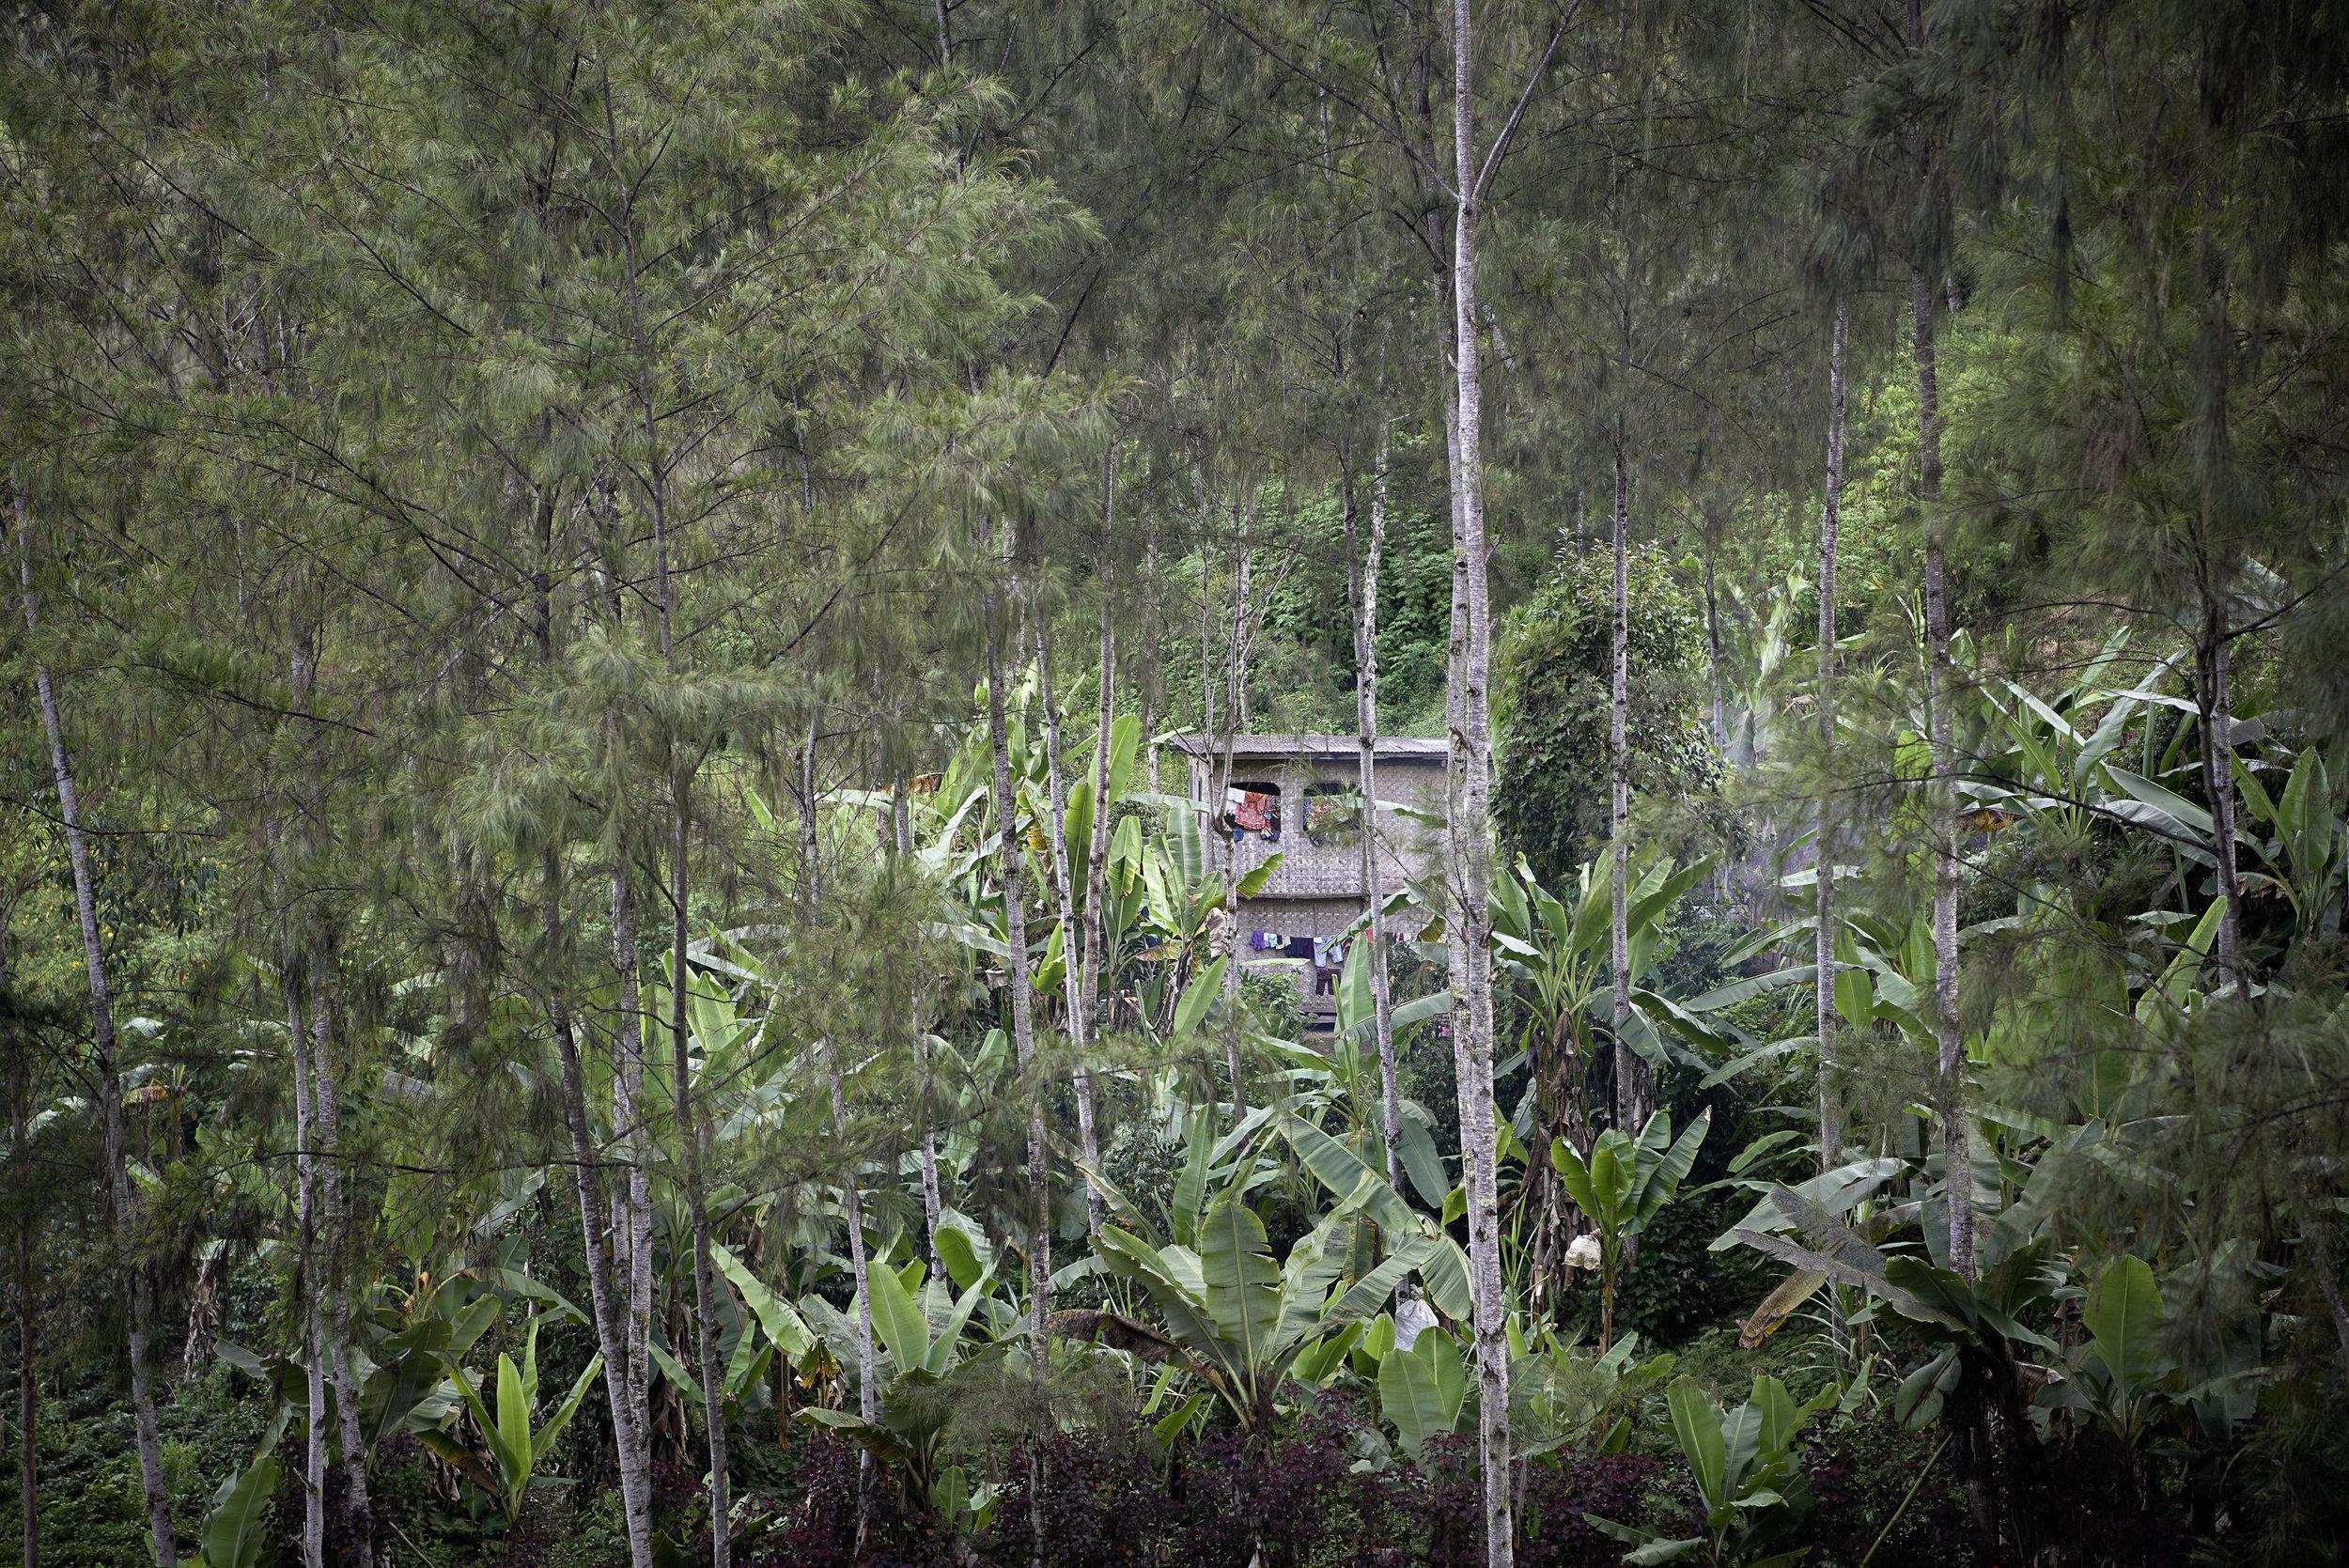 13-Village-Papua-New-Guinea-Kristina-Steiner.jpg